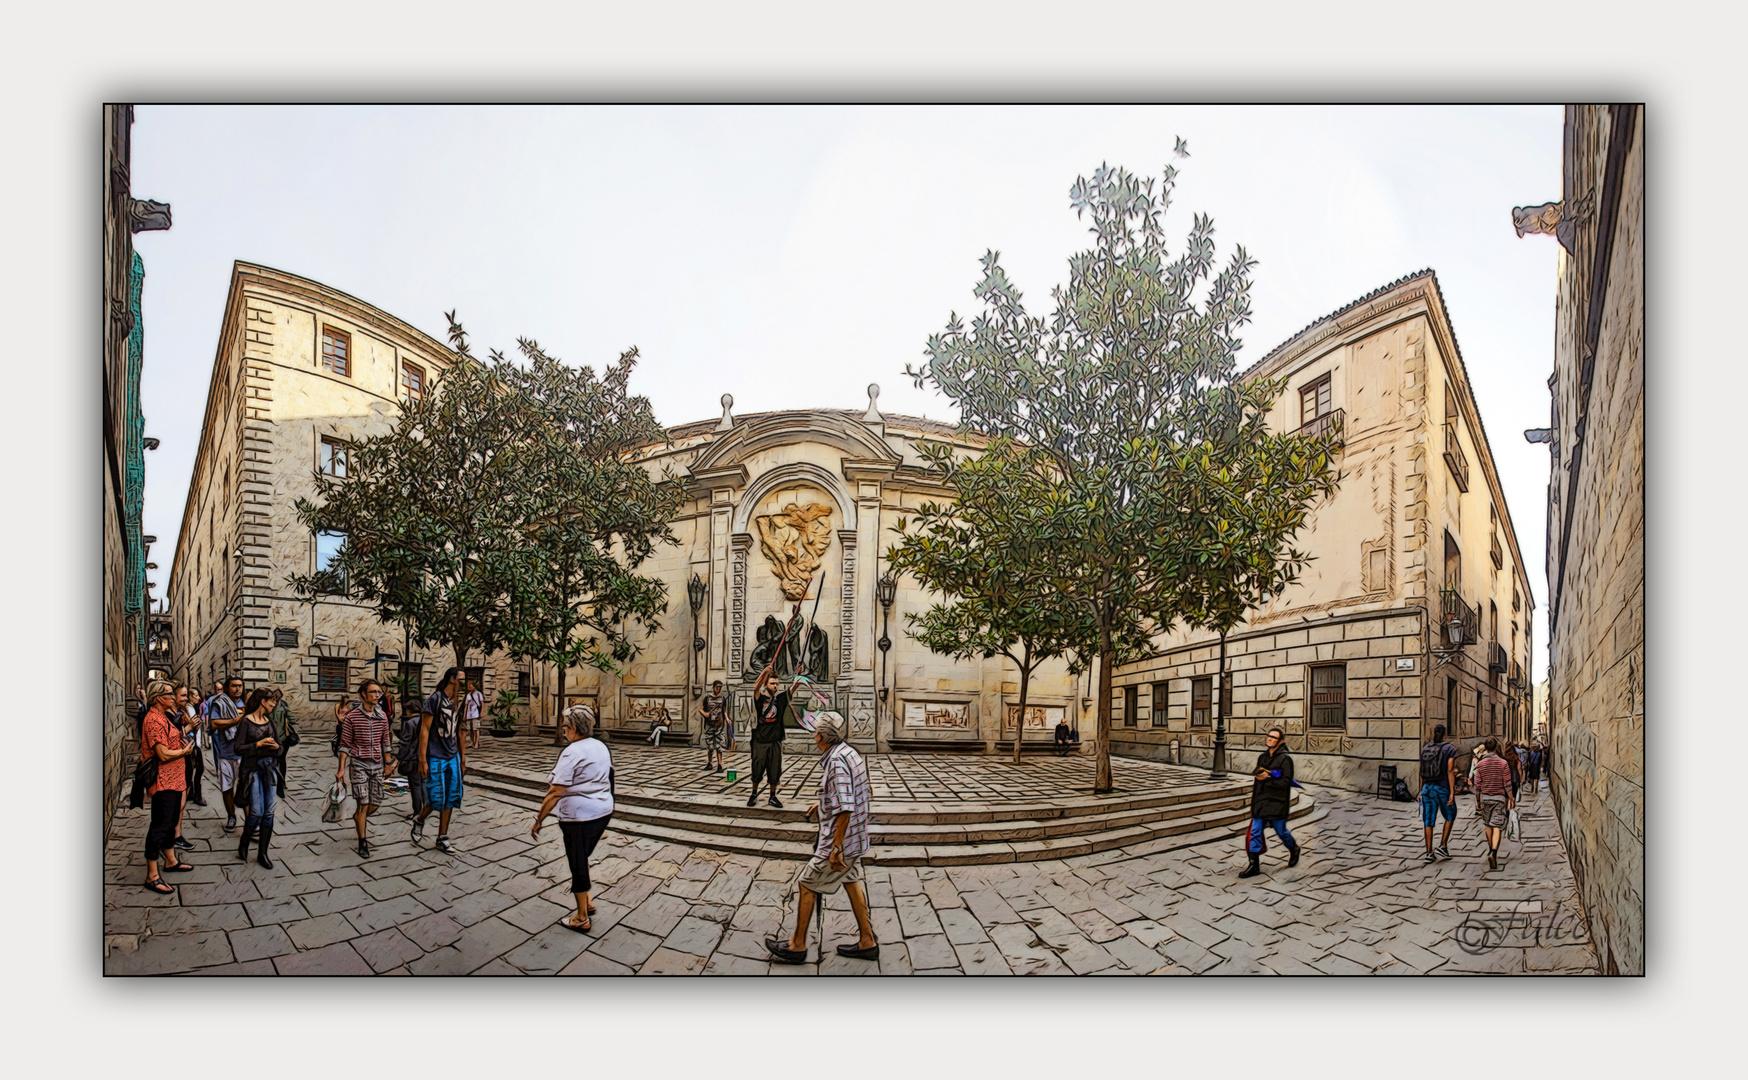 Plaça de Garriga i Bachs